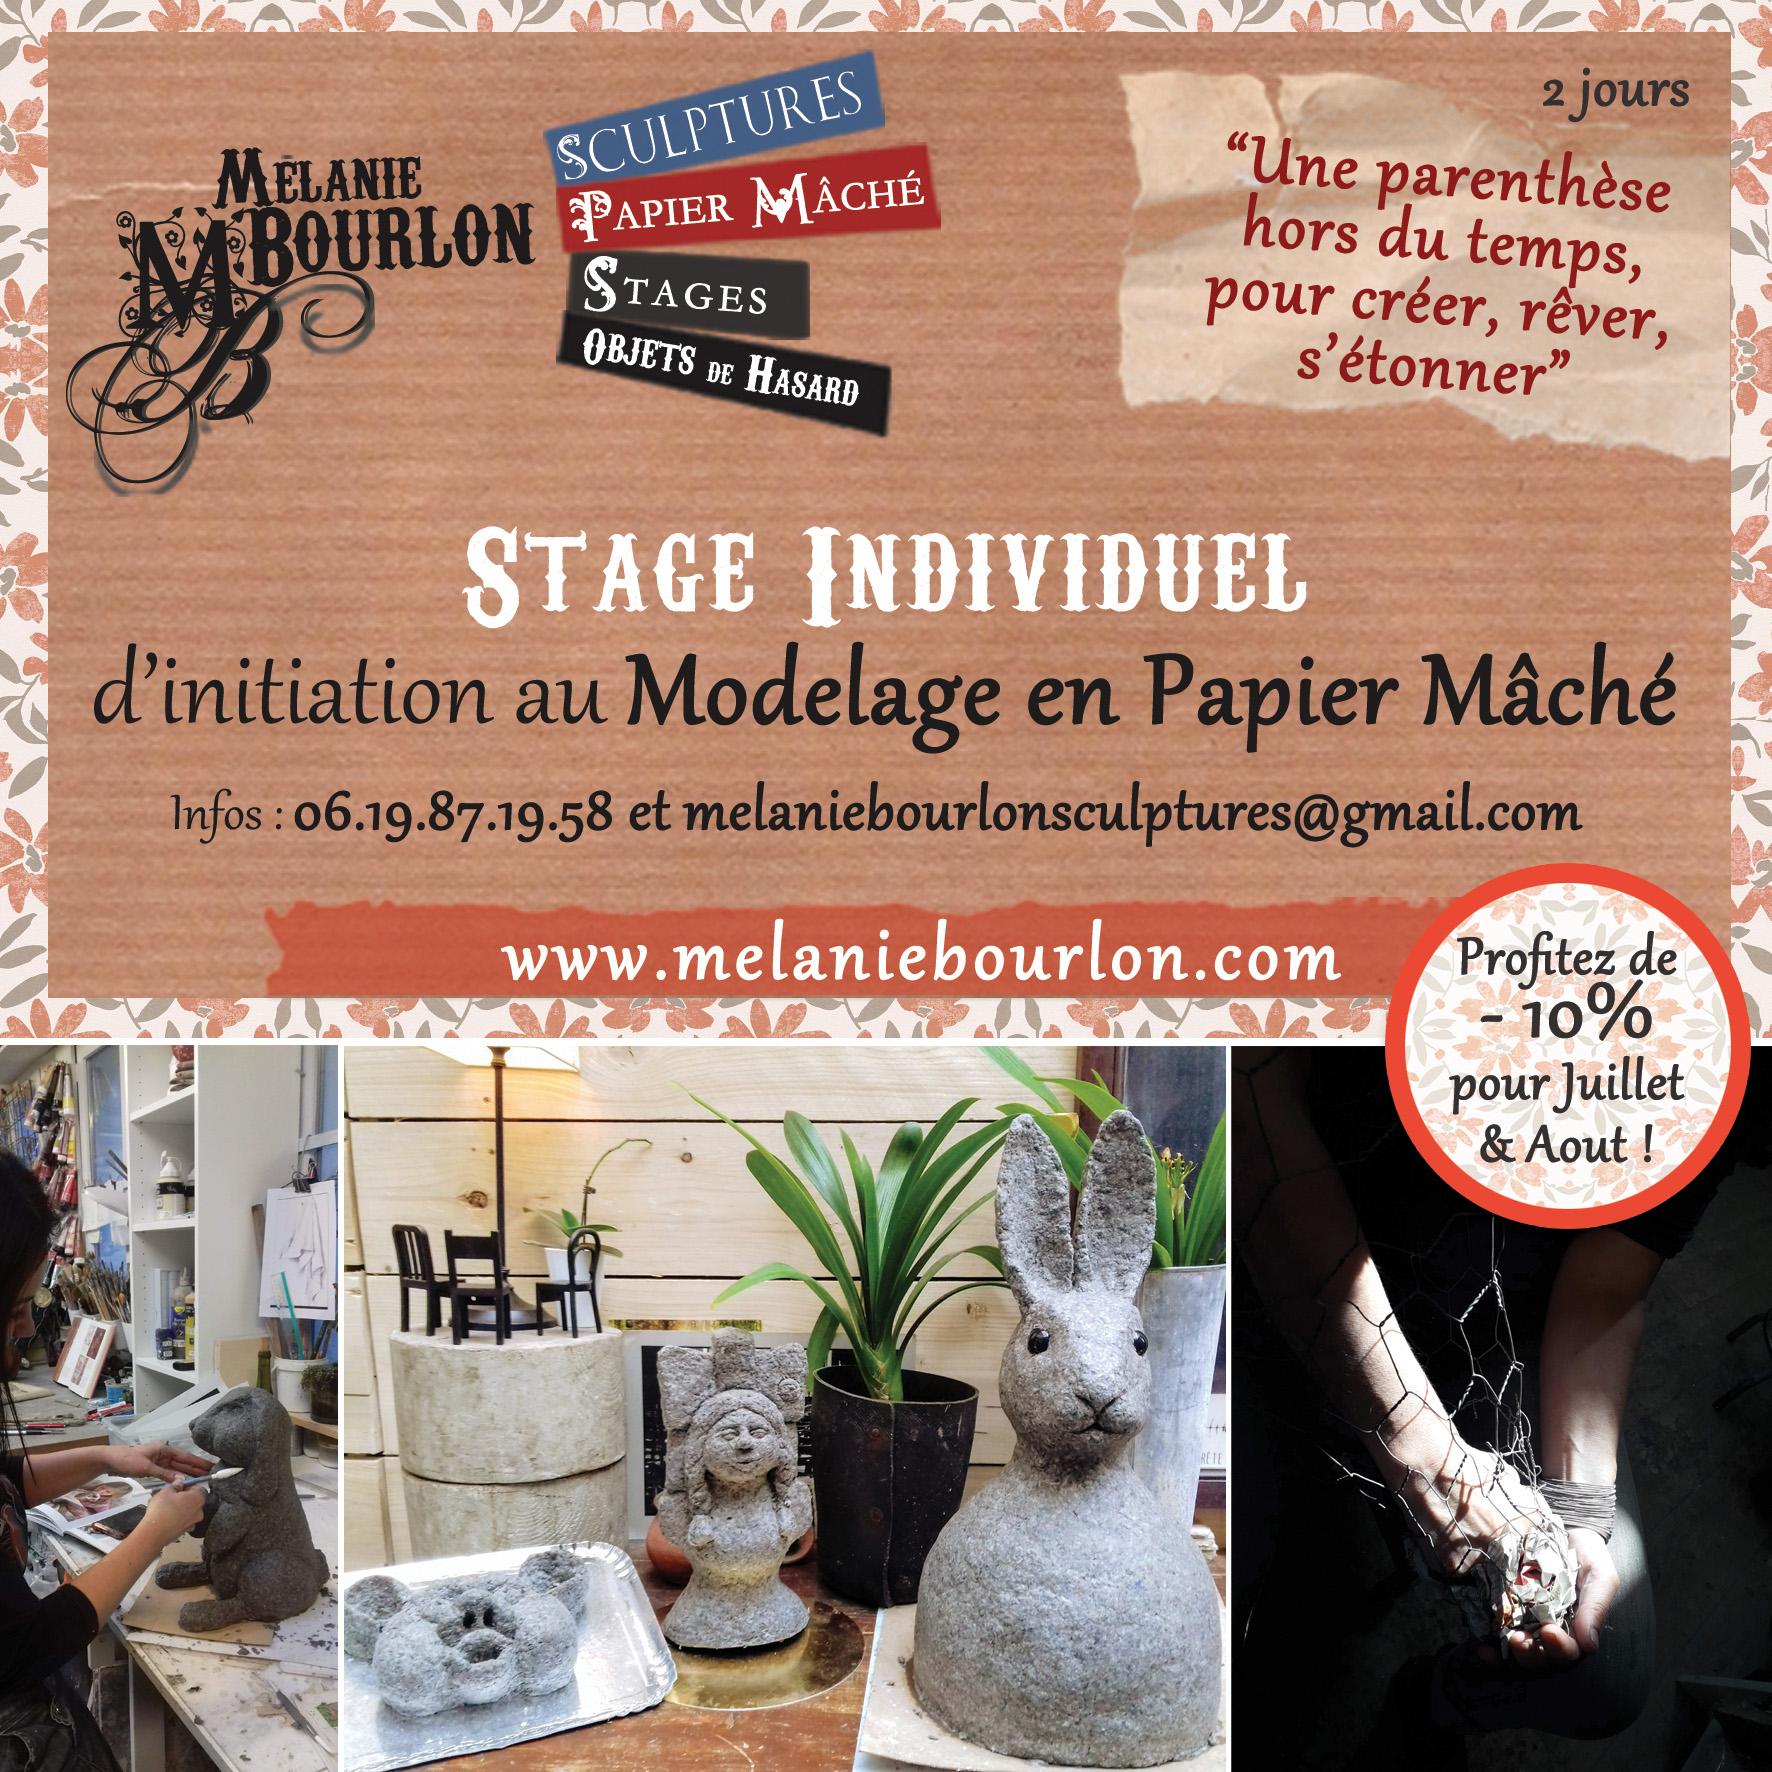 Stage individuel d'initiation au modelage en Papier Mâché avec Mélanie Bourlon - Aux Avenières - 10% de réduction pour juillet août 2020